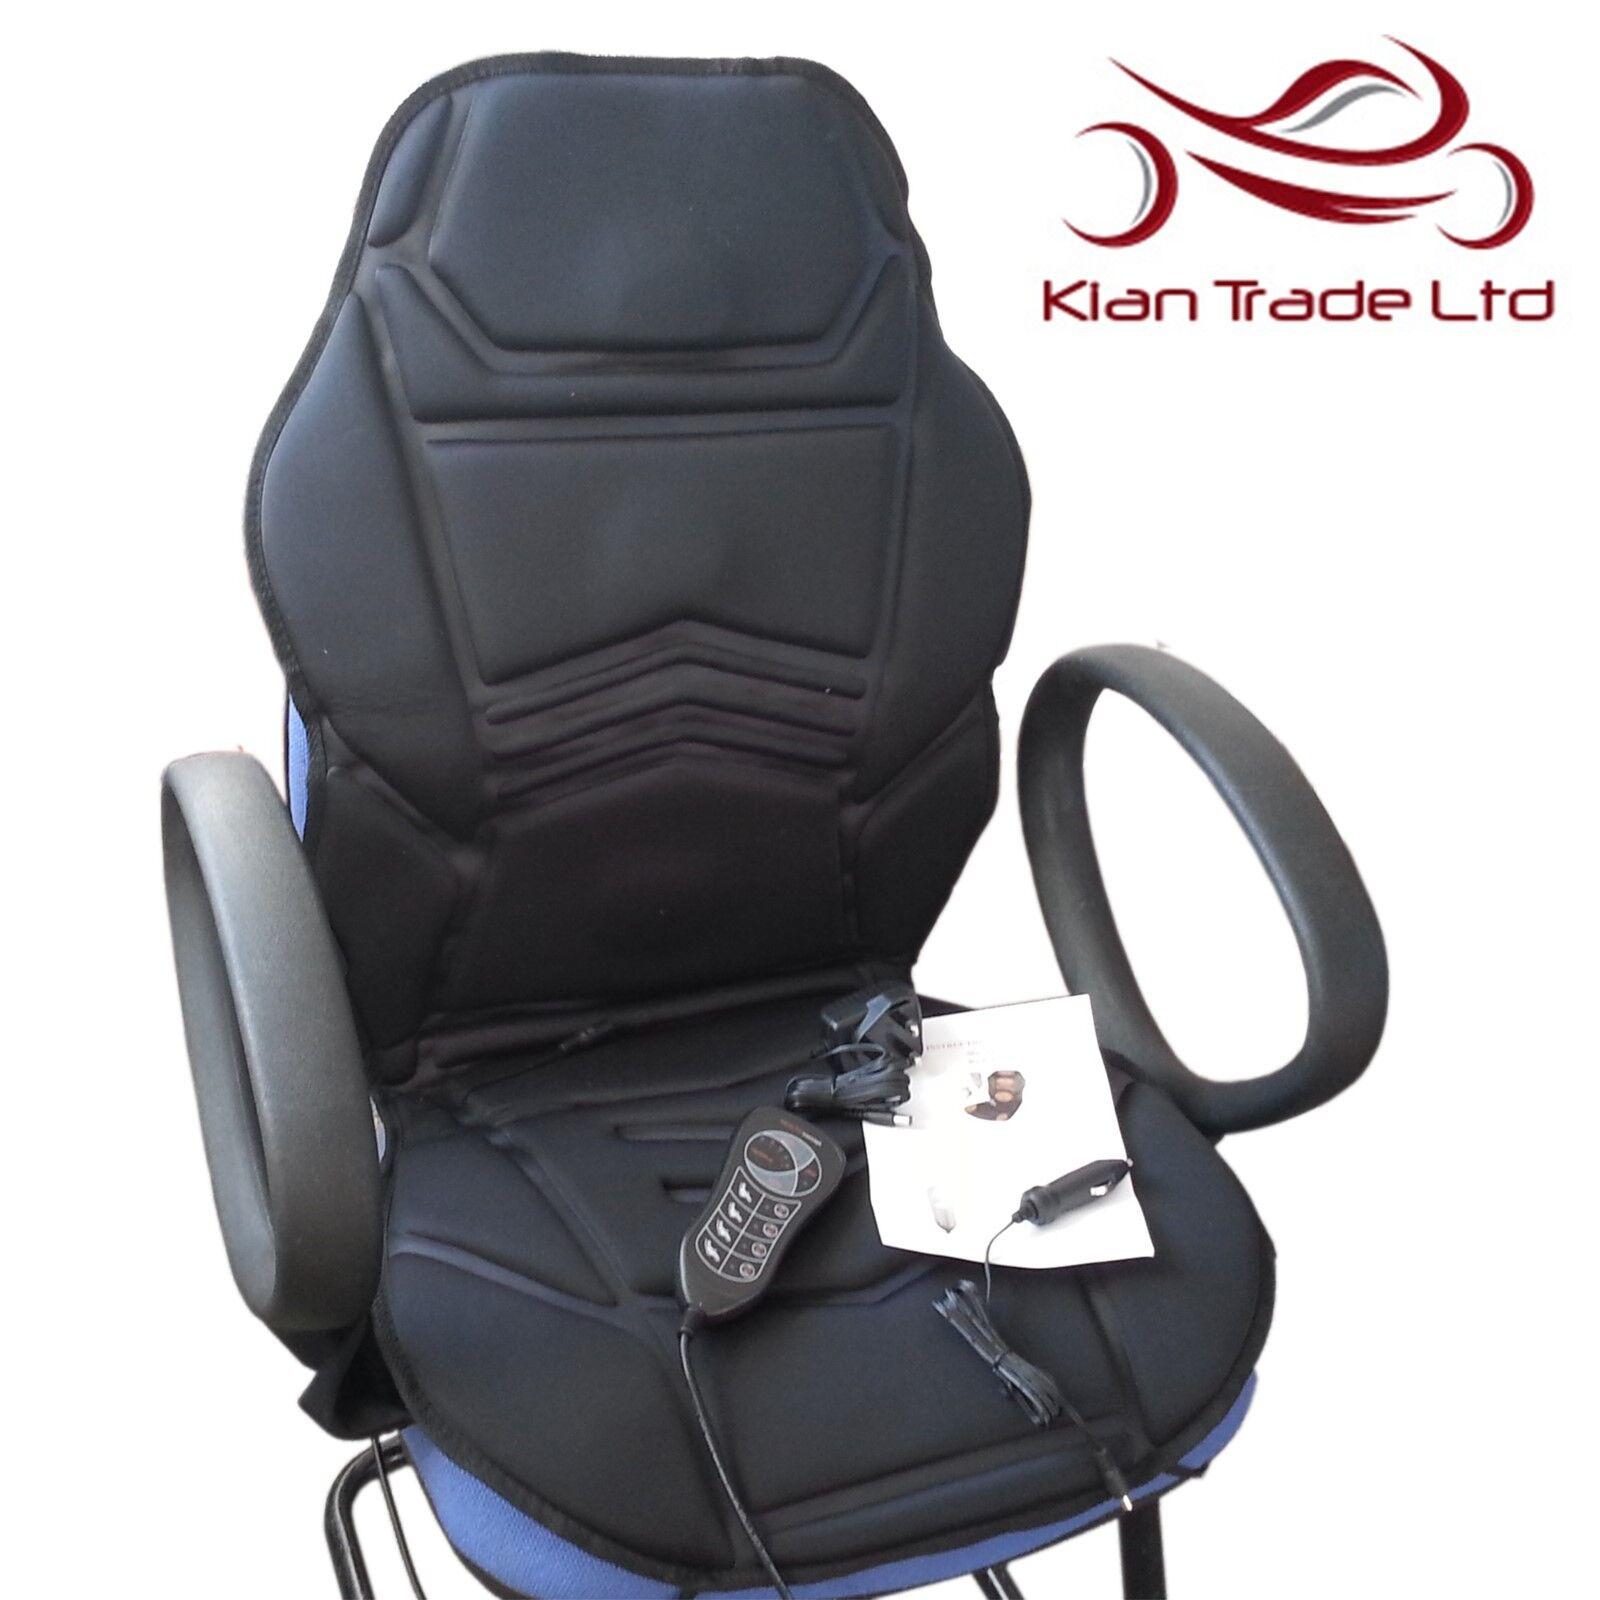 MASSAGGIO Riscaldato Sedile per sedia Cuscino Casa Ufficio auto rilassante